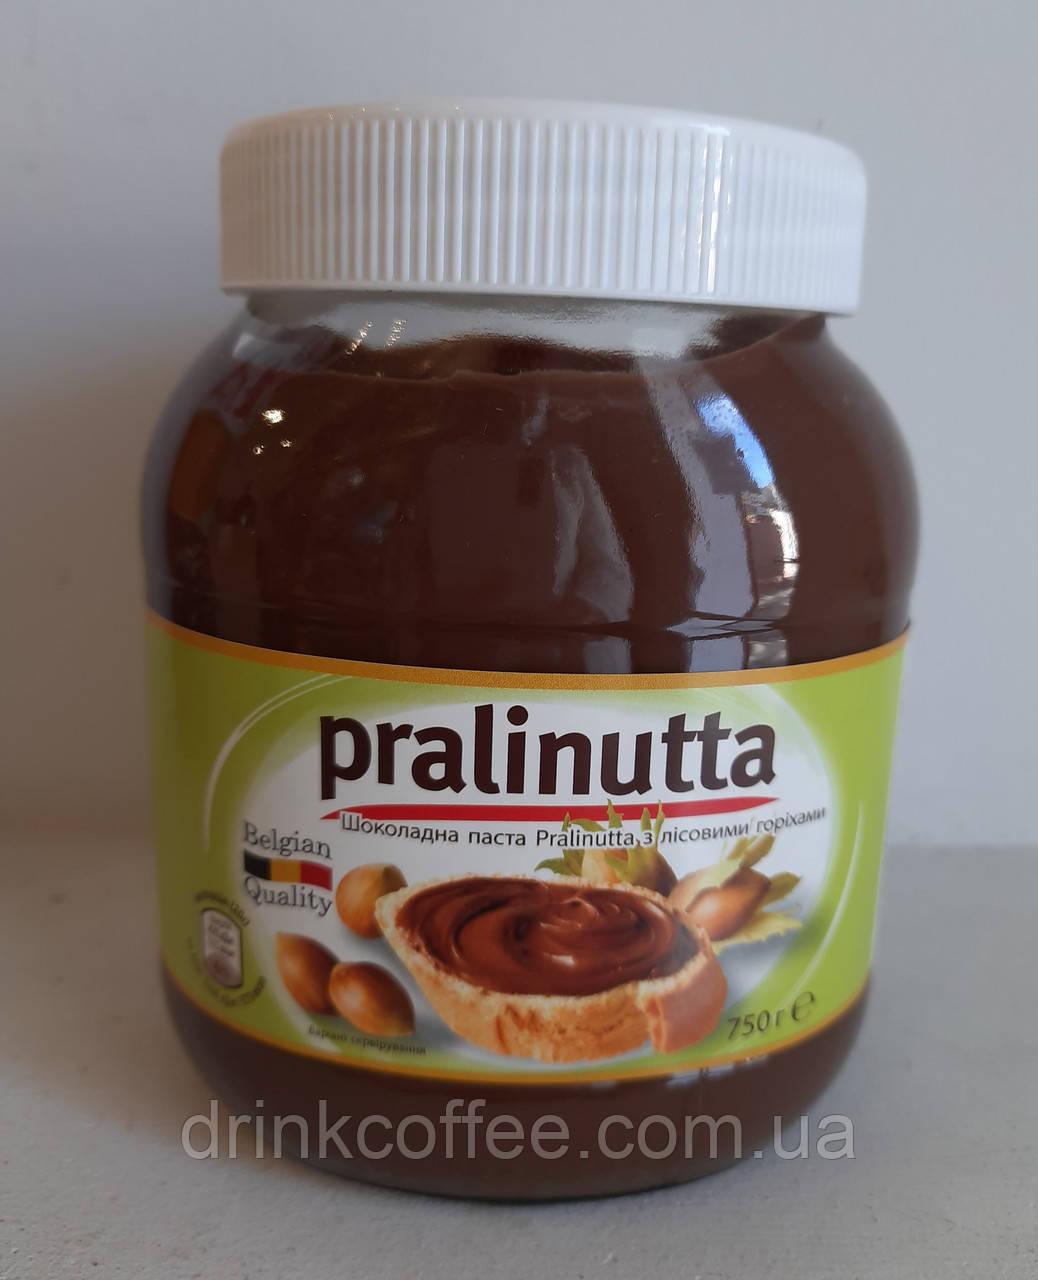 Шоколадная паста Pralinutta с лесным орехом 750г Бельгия